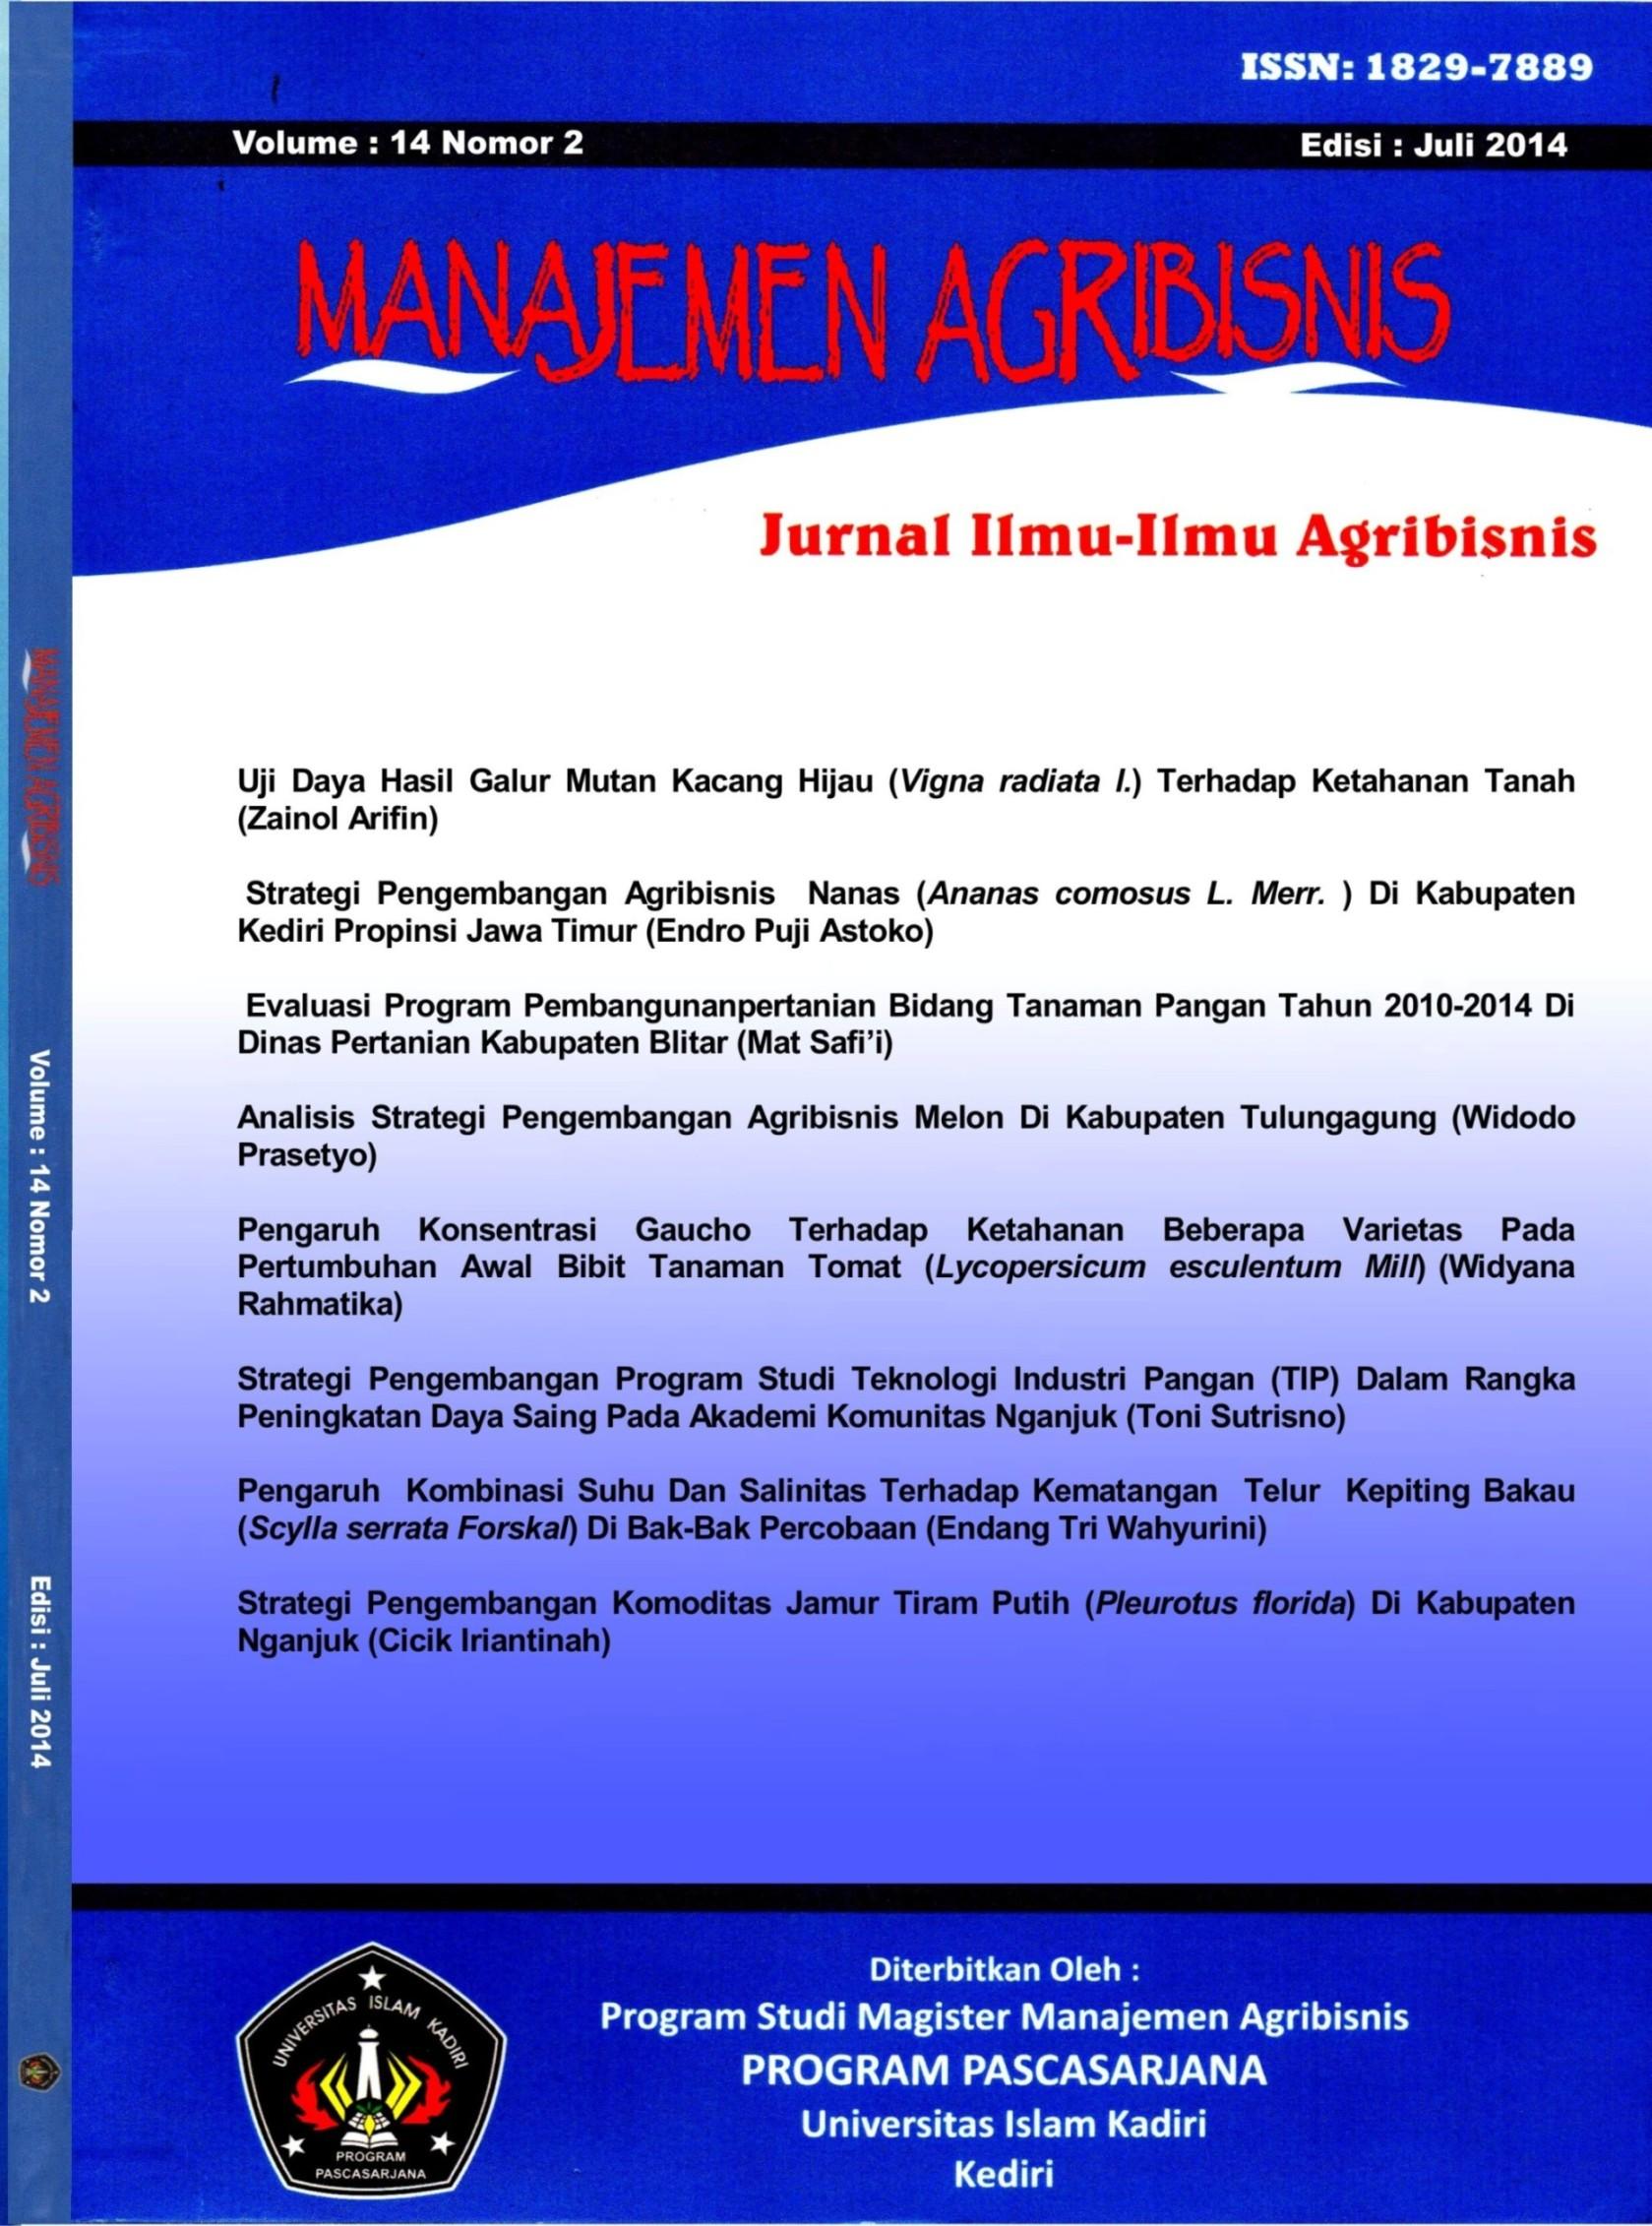 Agribisnis Volume 14 No.2 Juli 2014